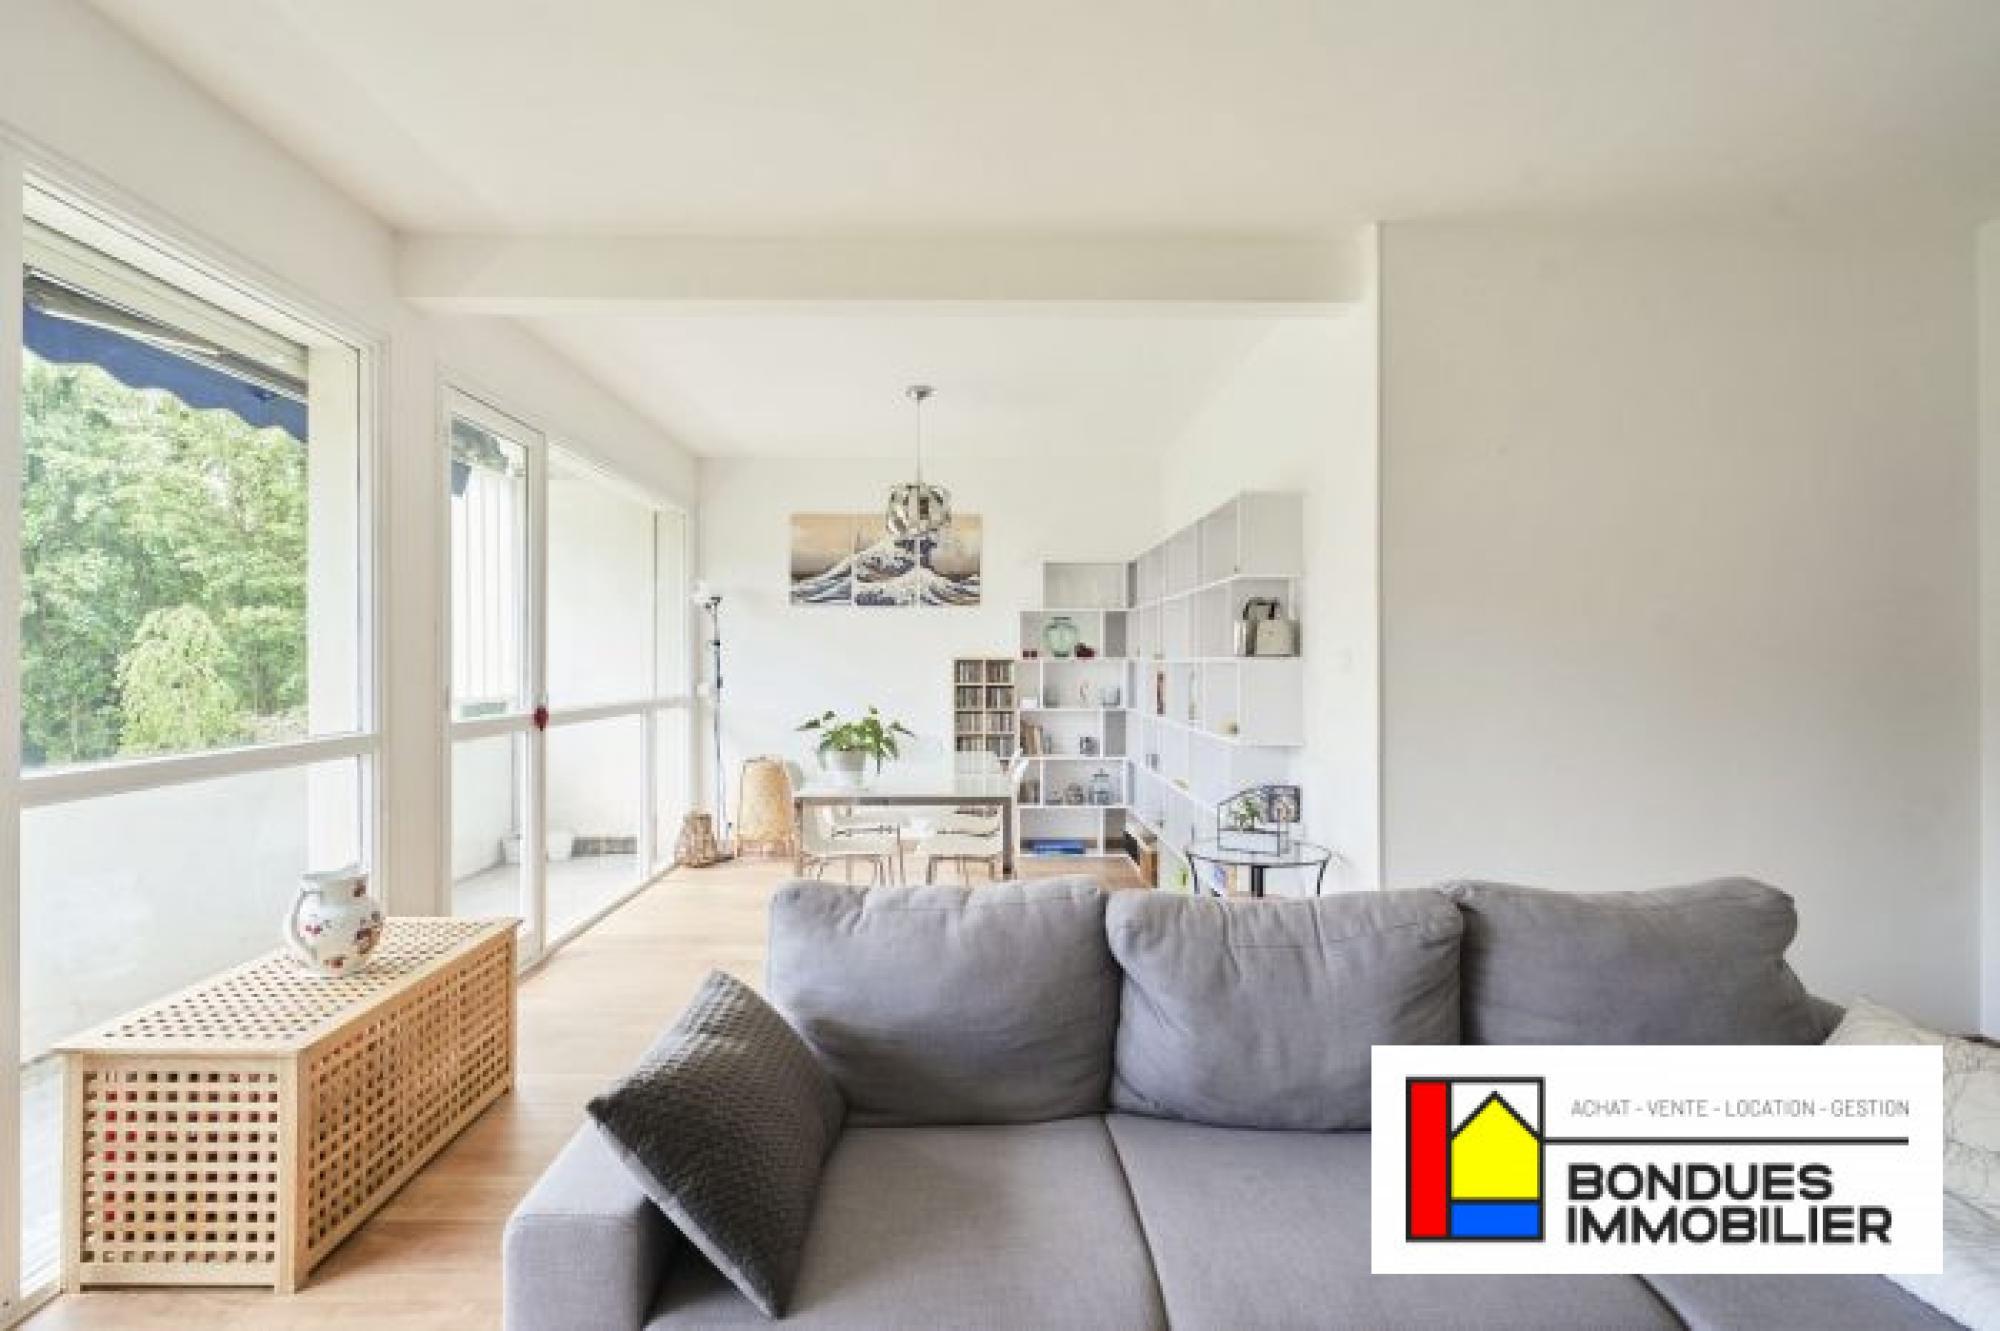 vente appartement marcq en barœul refVA2138 (5)